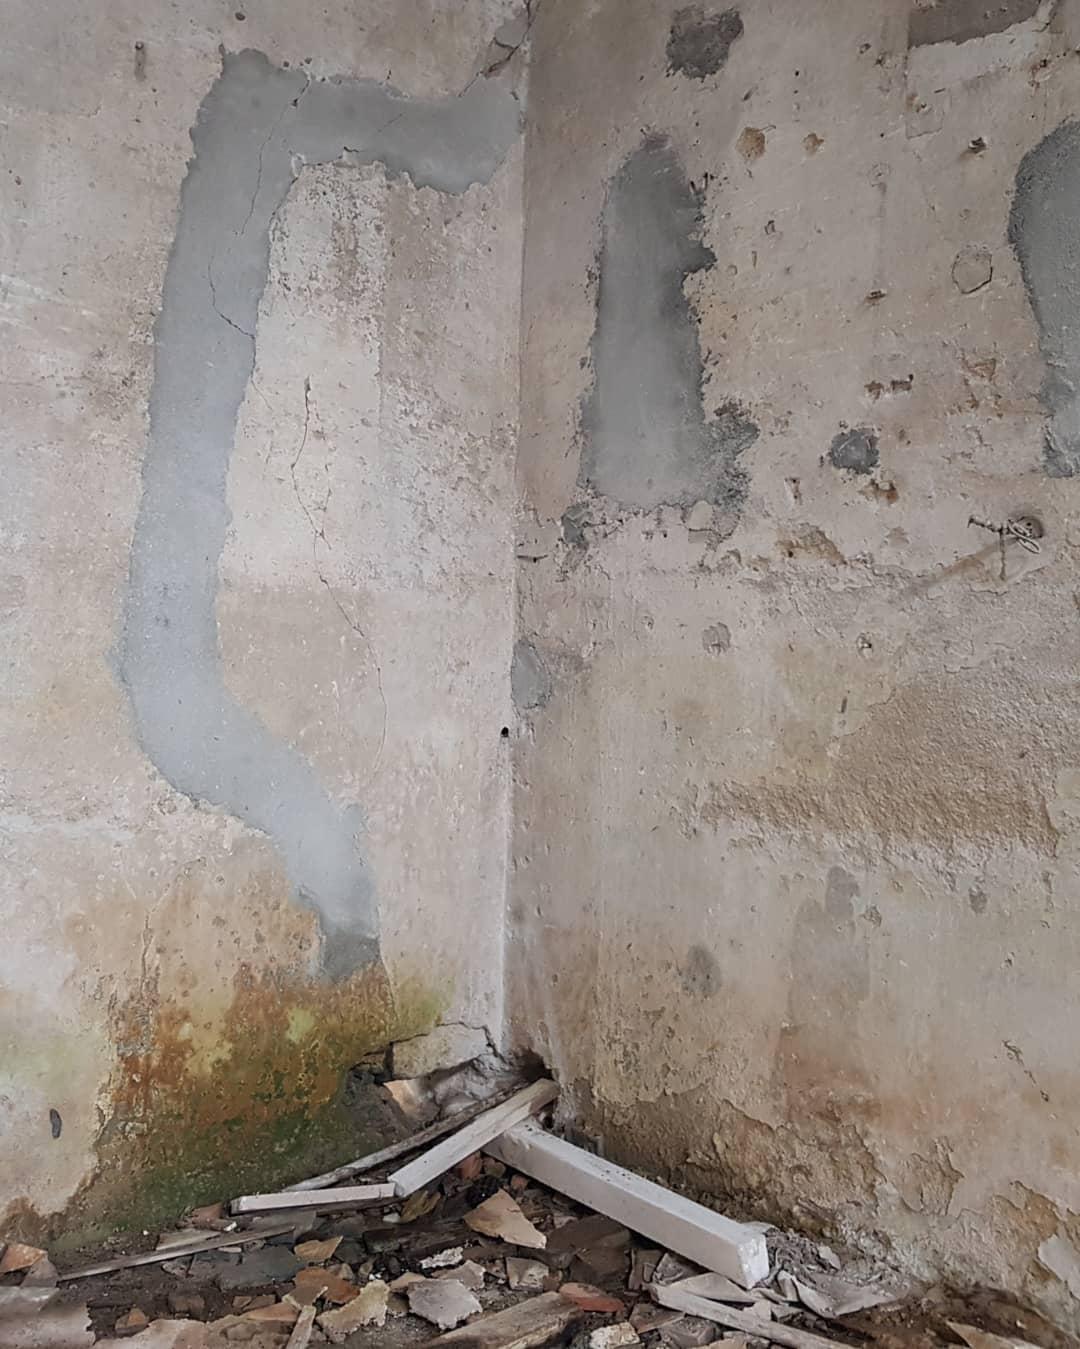 1565697707 02939a0303ffd06e3e86266e18a55100 - 20 работ художника, который превращает невзрачные стены в невероятно реалистичные 3D-граффити